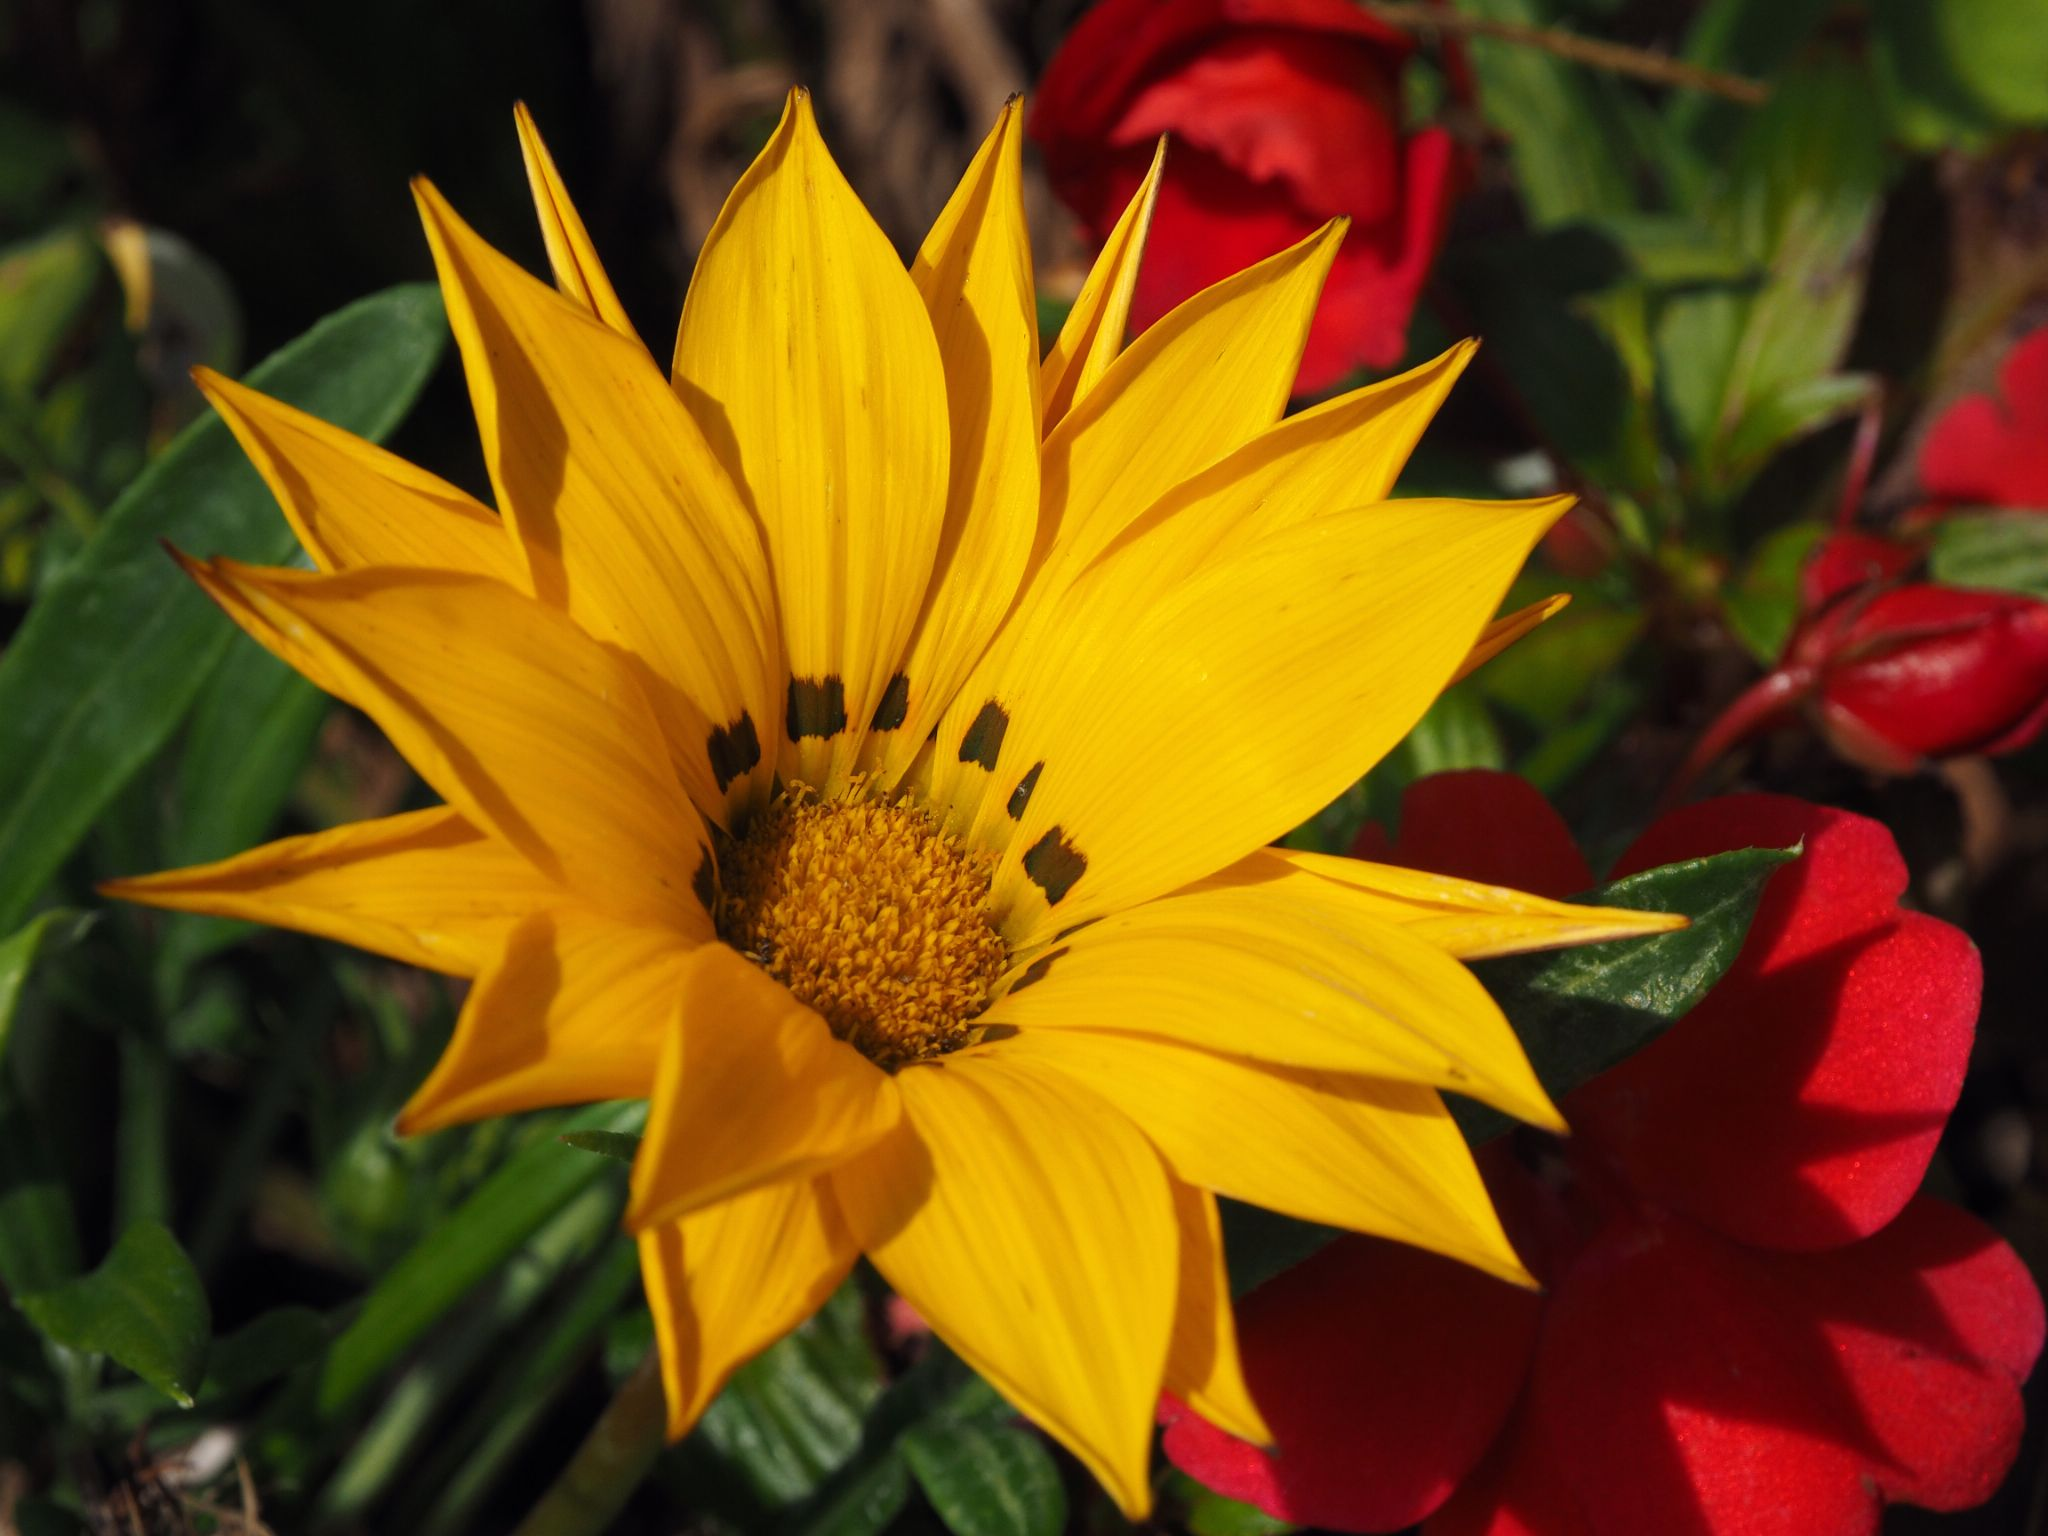 Flower by haydn.greenow